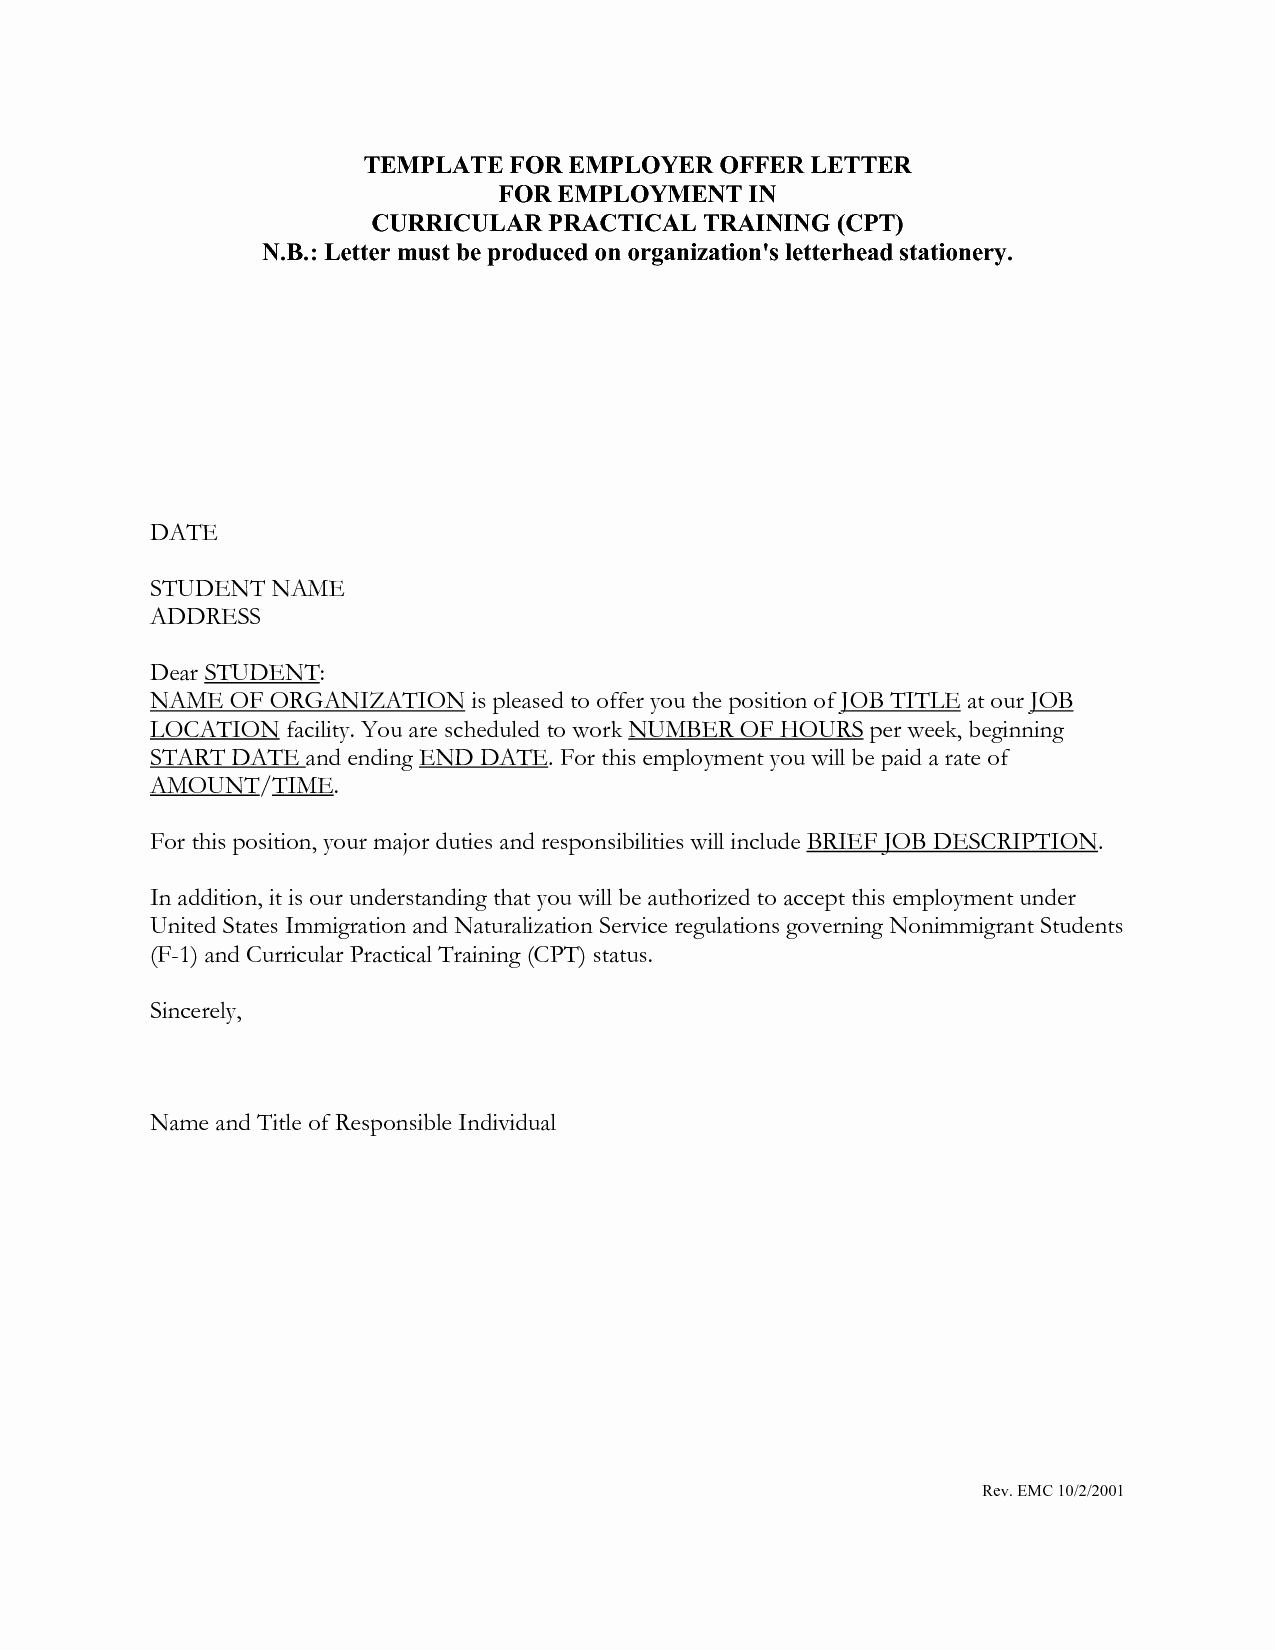 Internship Offer Letter Template Luxury Job Fer Letter Template